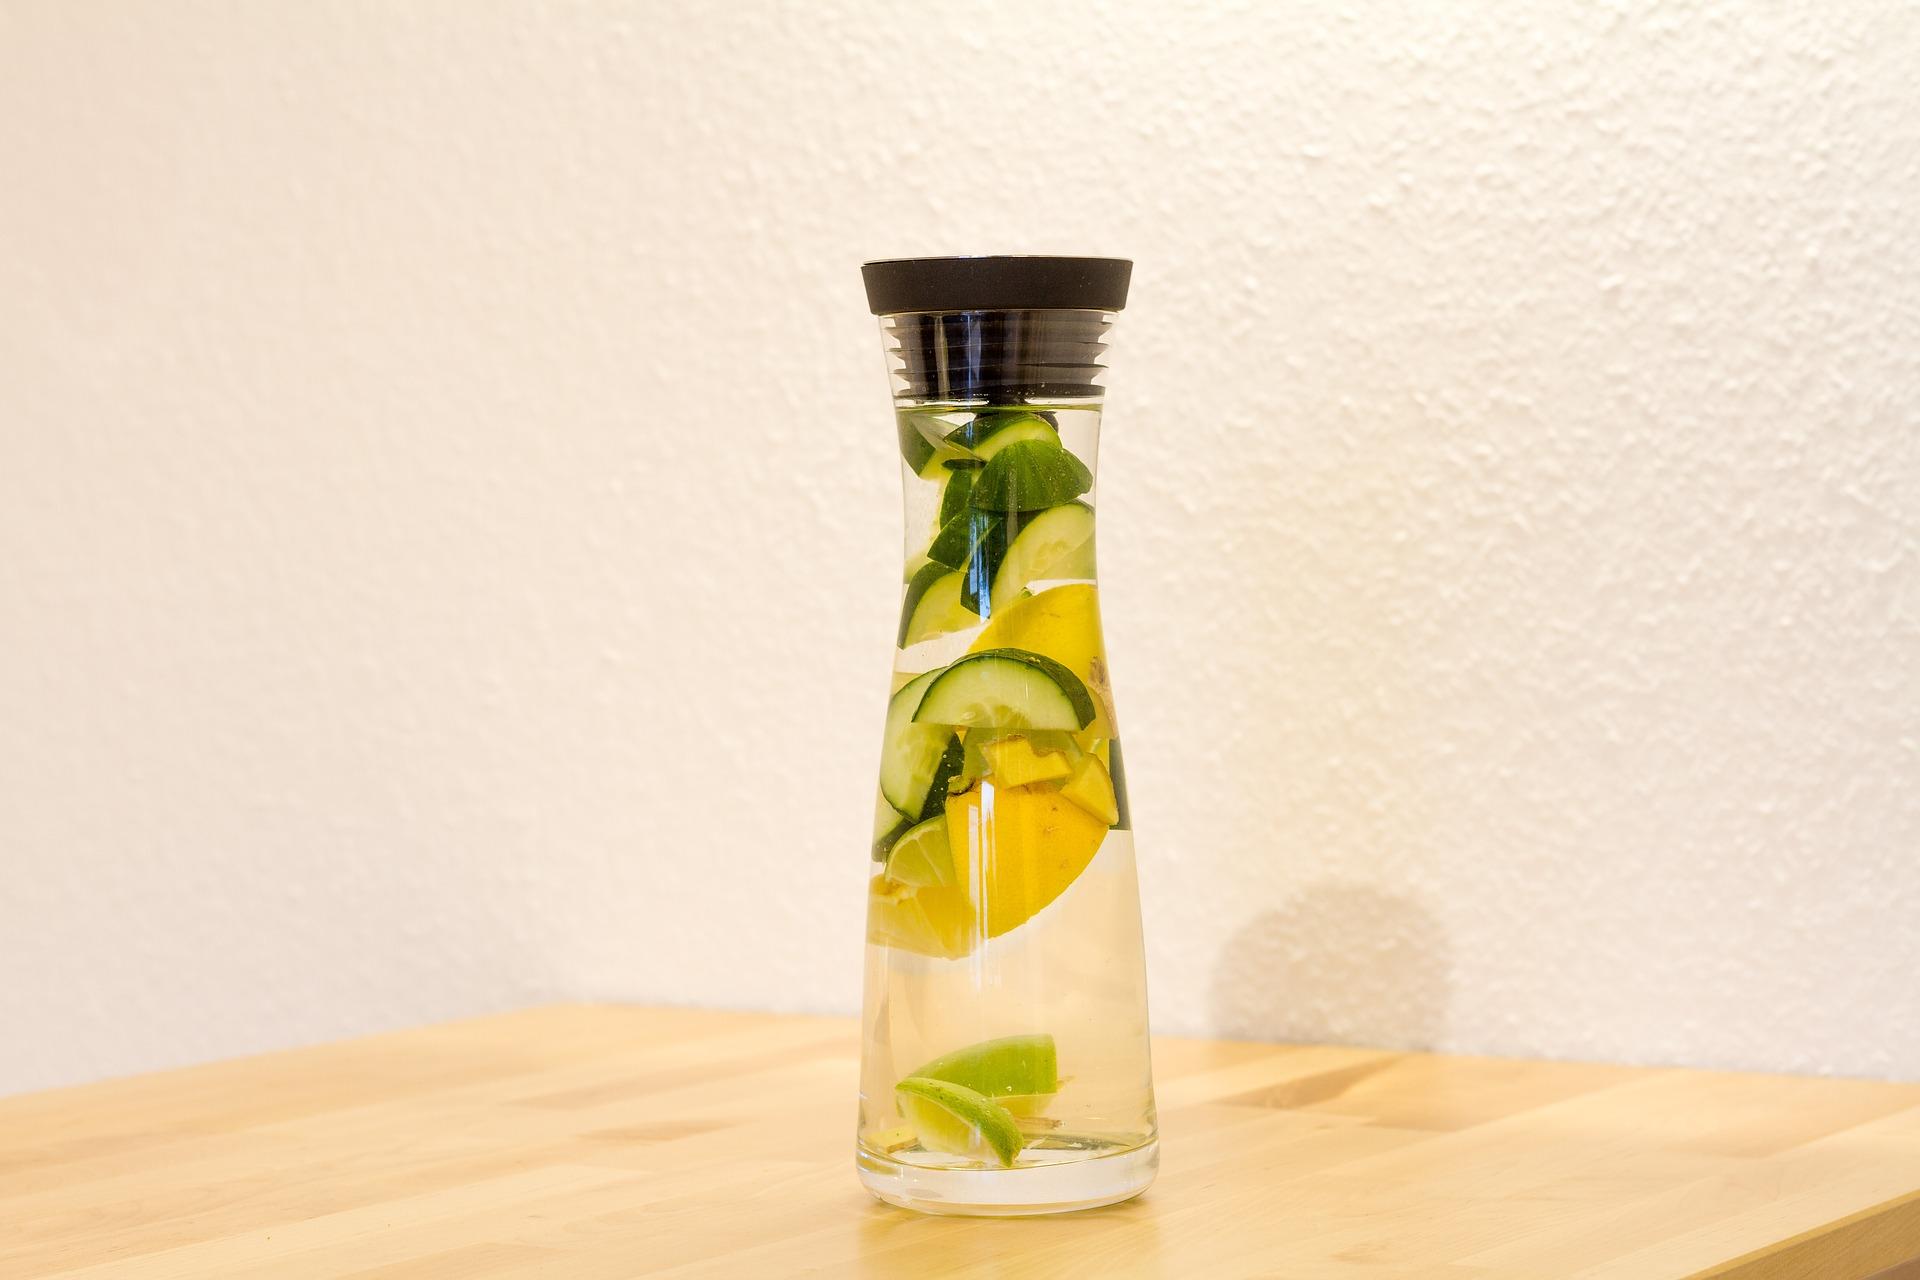 Detox Water Health Benefits- Instacuppa Green Tea Detox Bottle